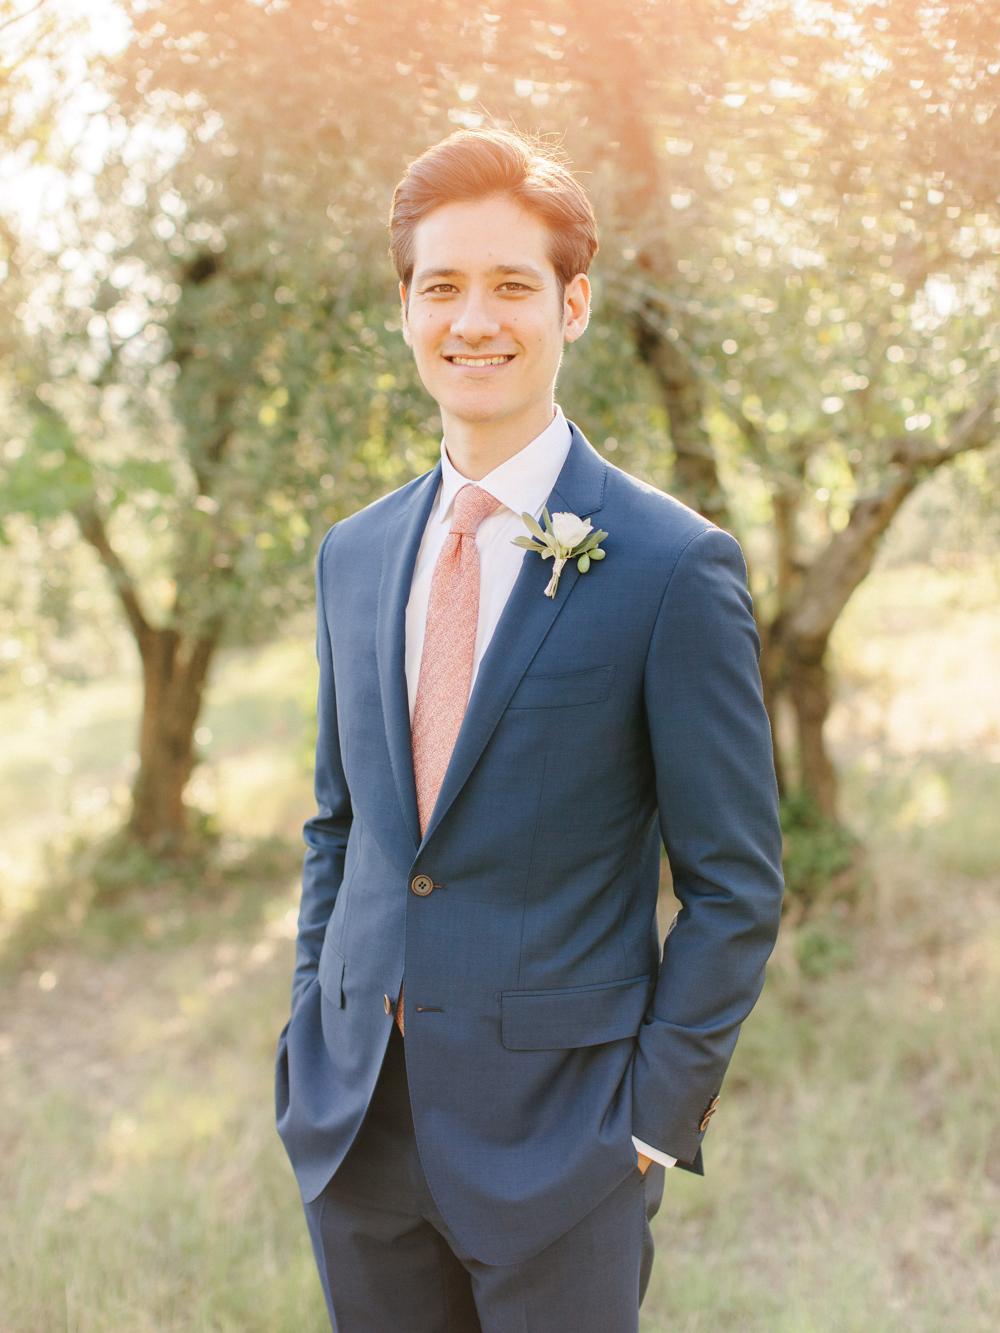 TUSCANY-INTIMATE-WEDDING--20